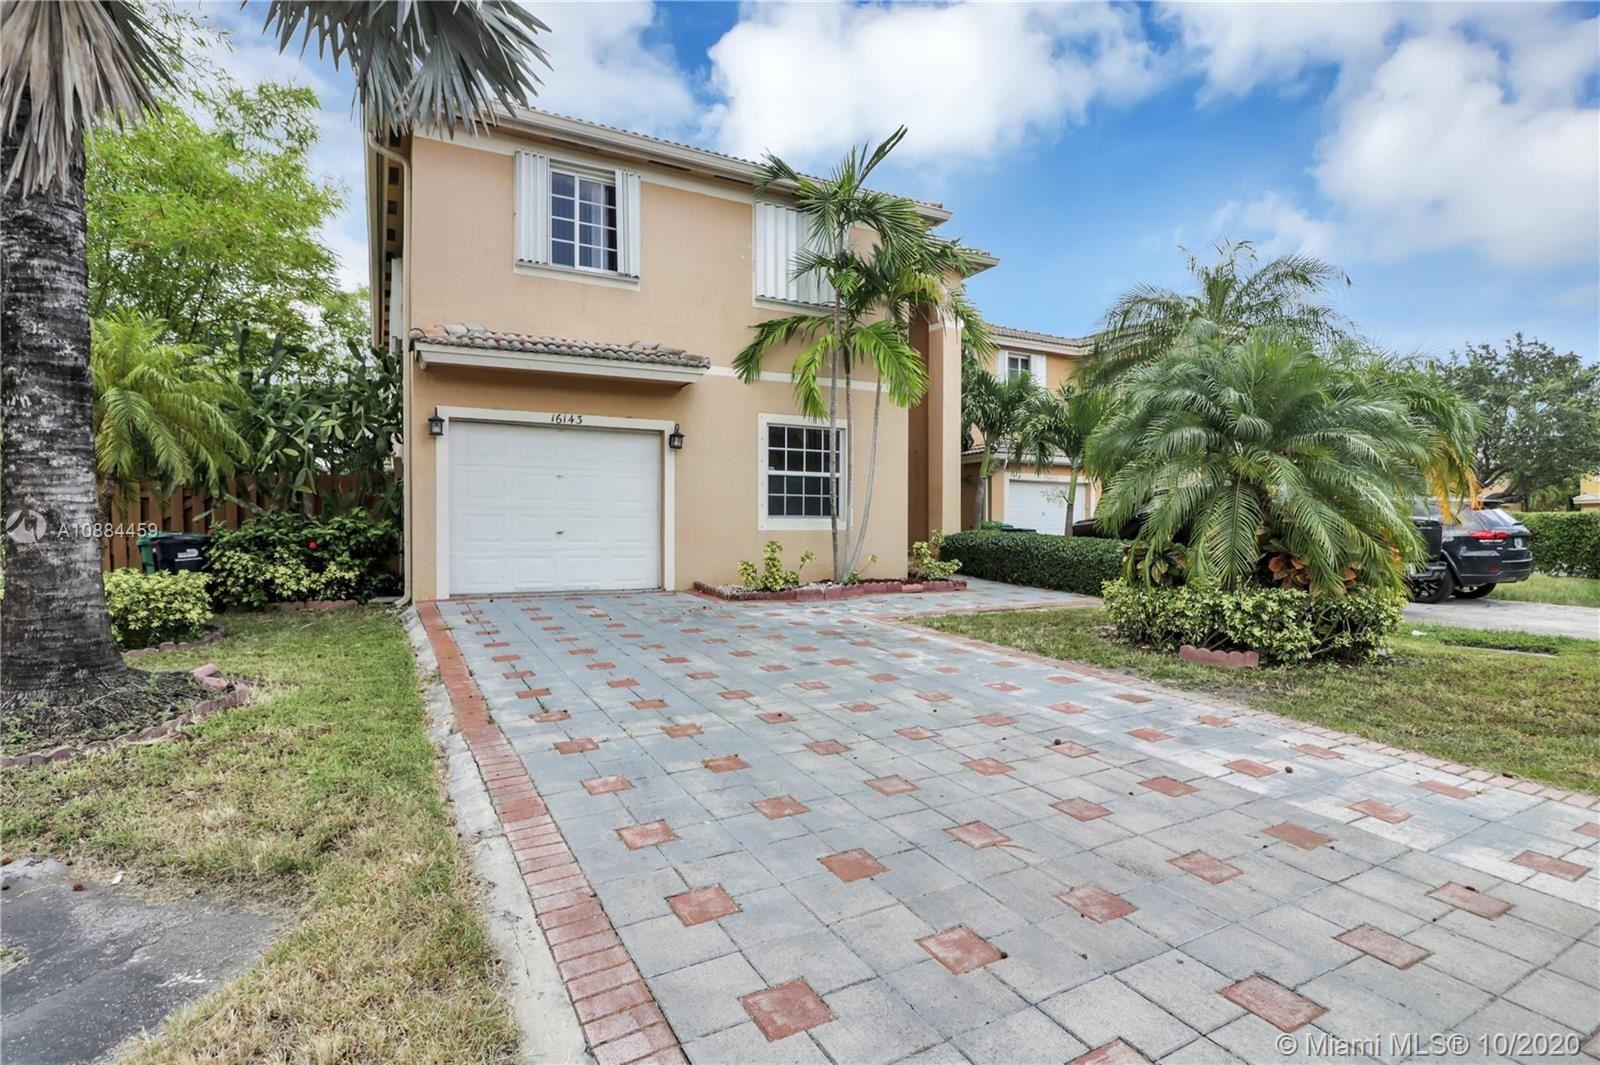 16143 SW 106th Ter, Miami, FL 33196 - #: A10884459